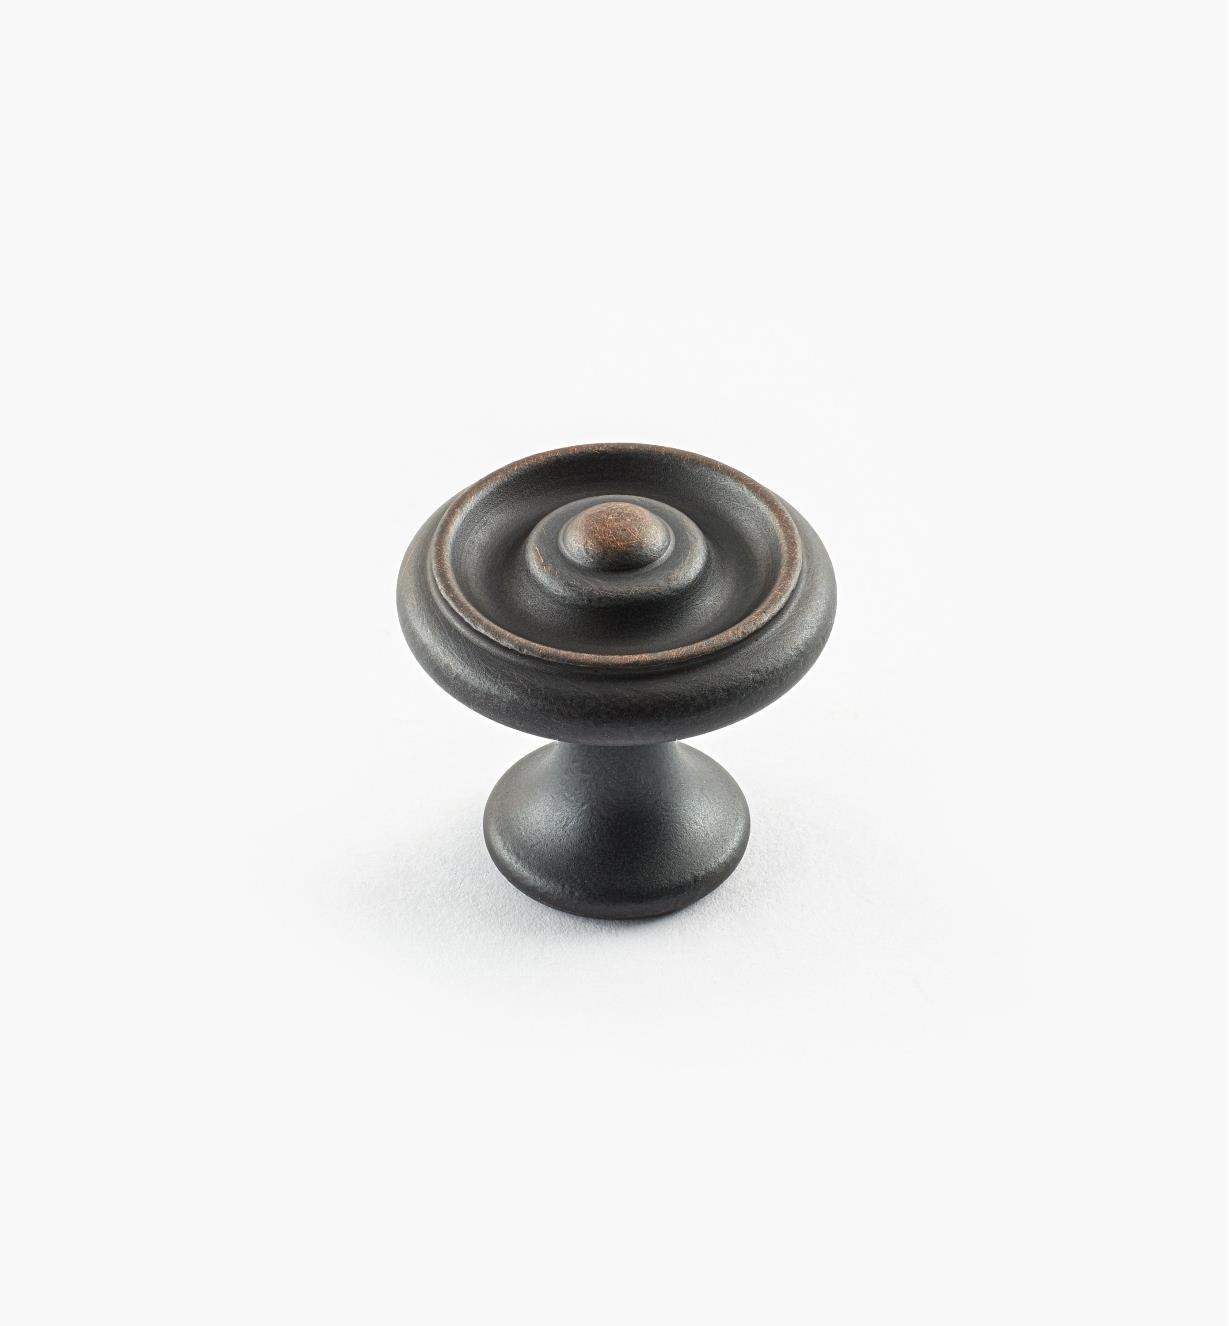 02W3260 - Bouton à bosselure centrale de 1pox 7/8po, série Vieux Bronze, laiton tourné